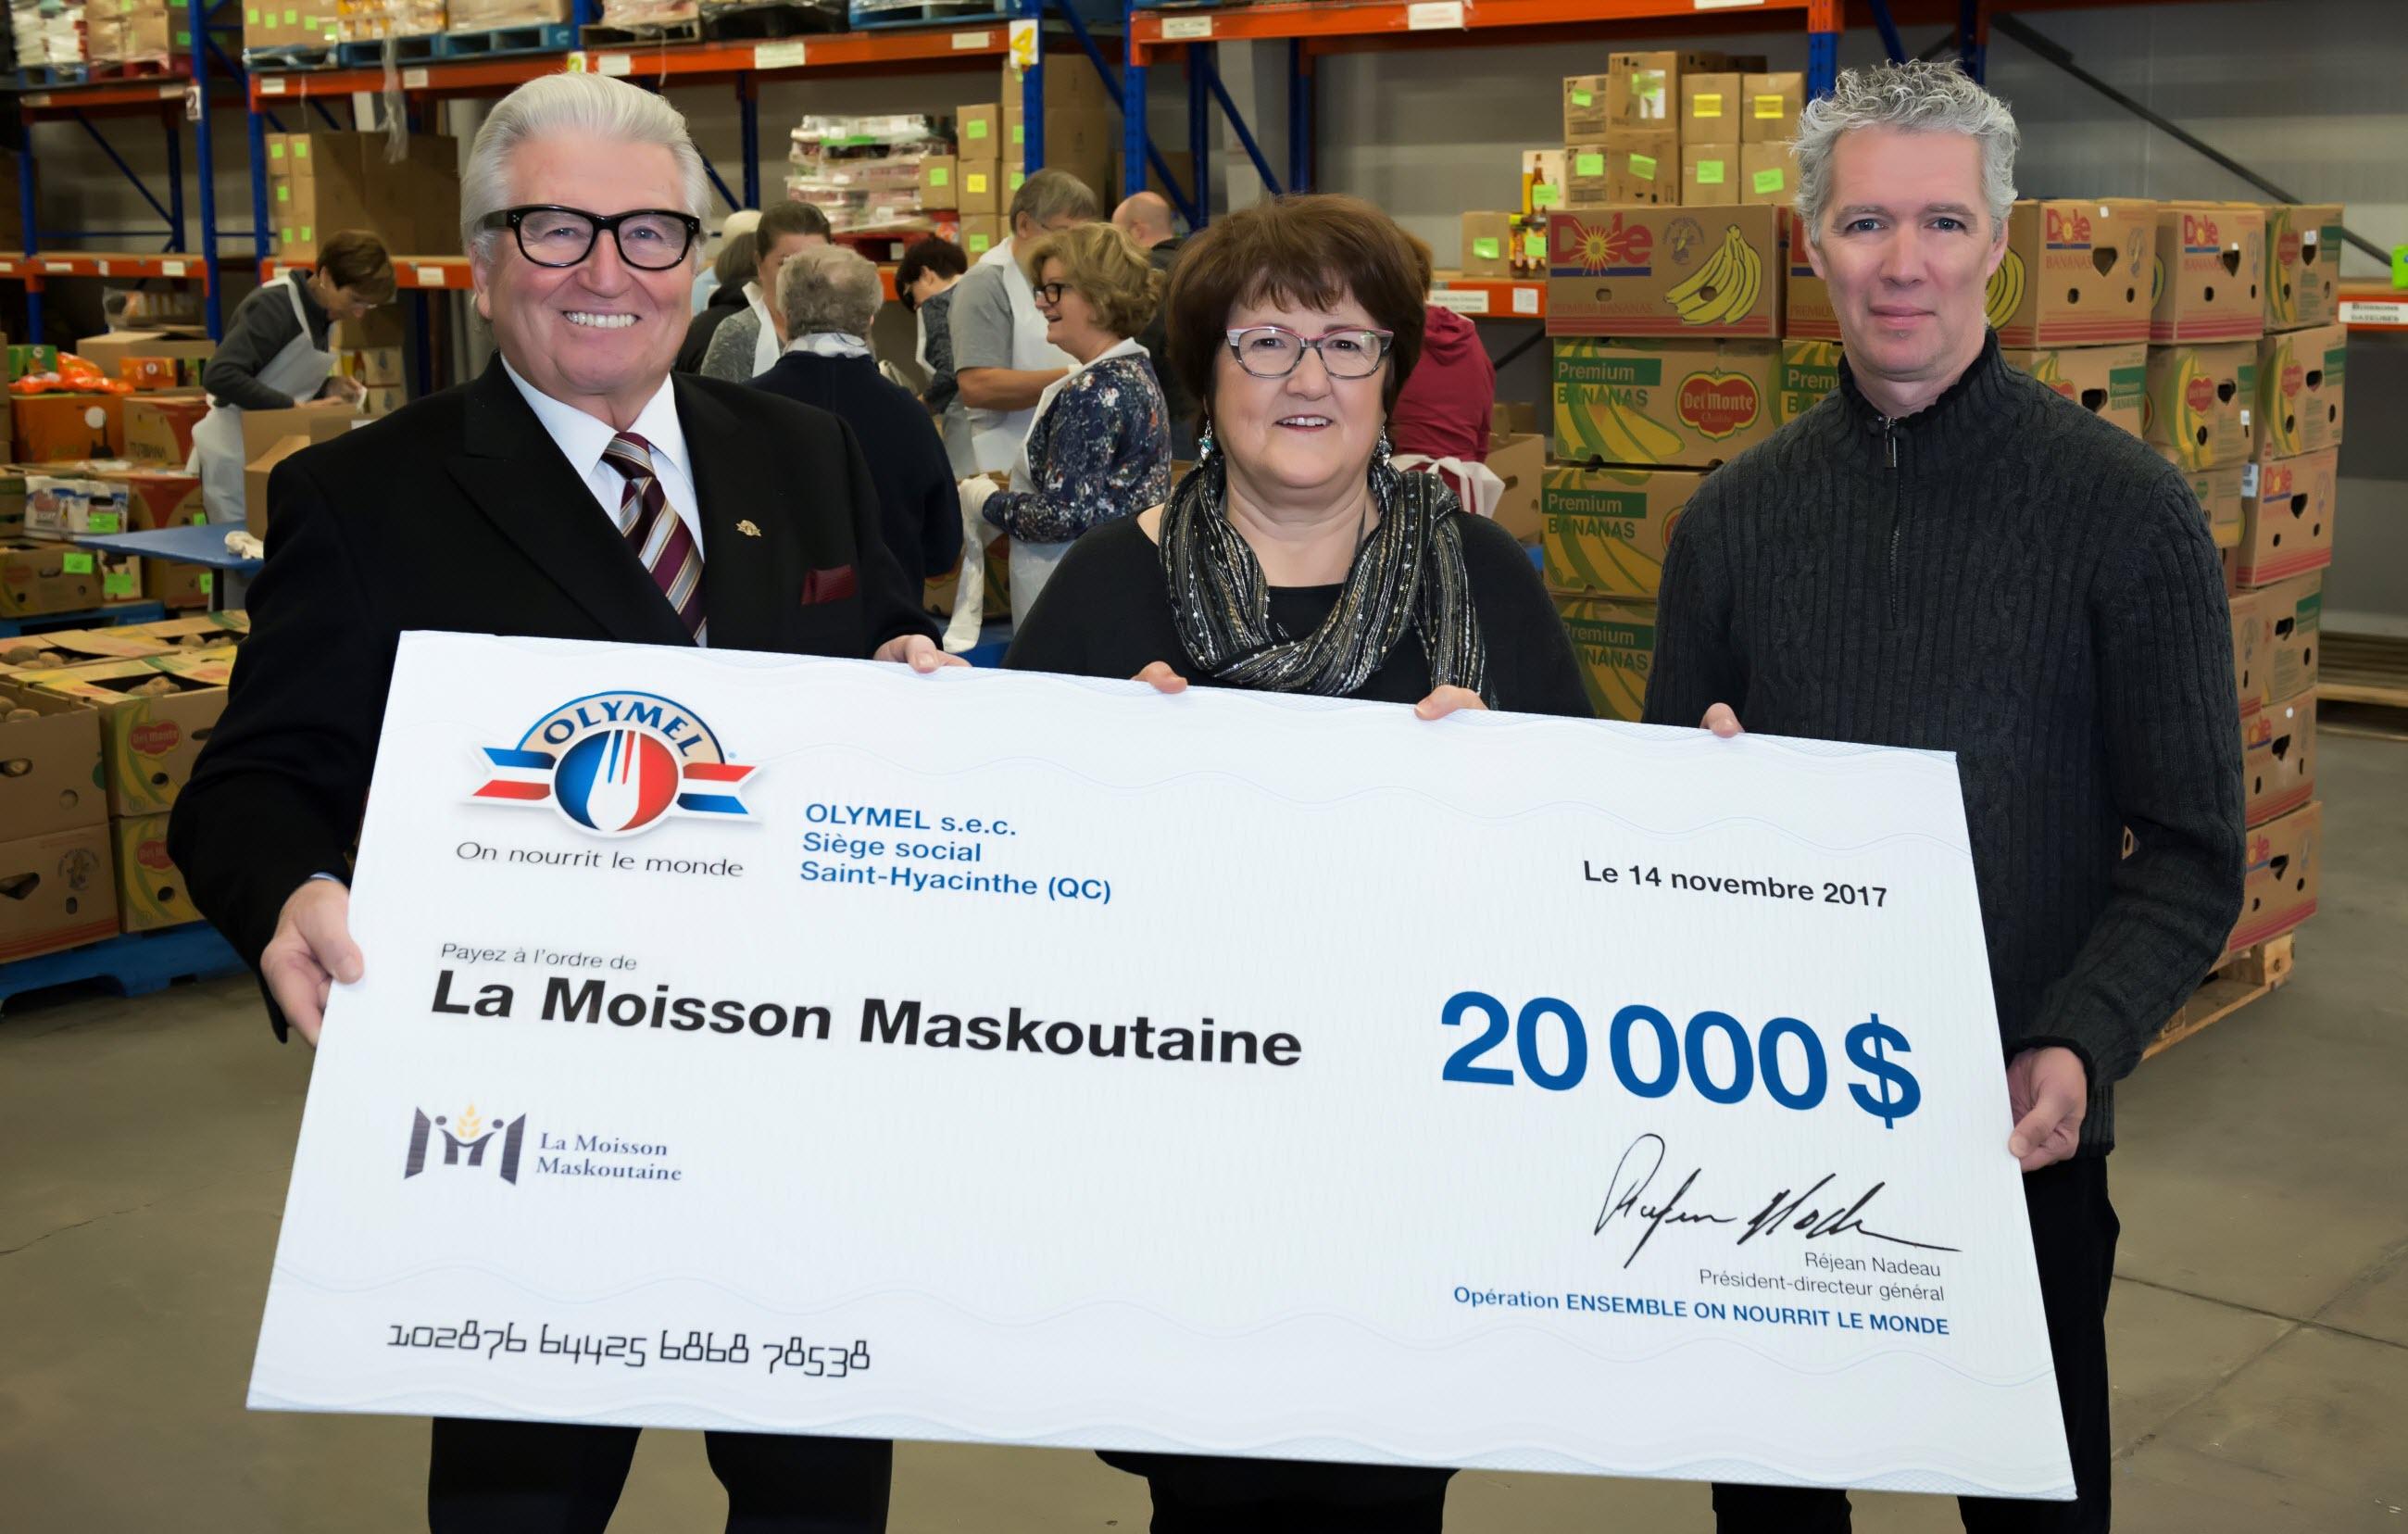 Olymel remet 20 000 $ à la Moisson Maskoutaine